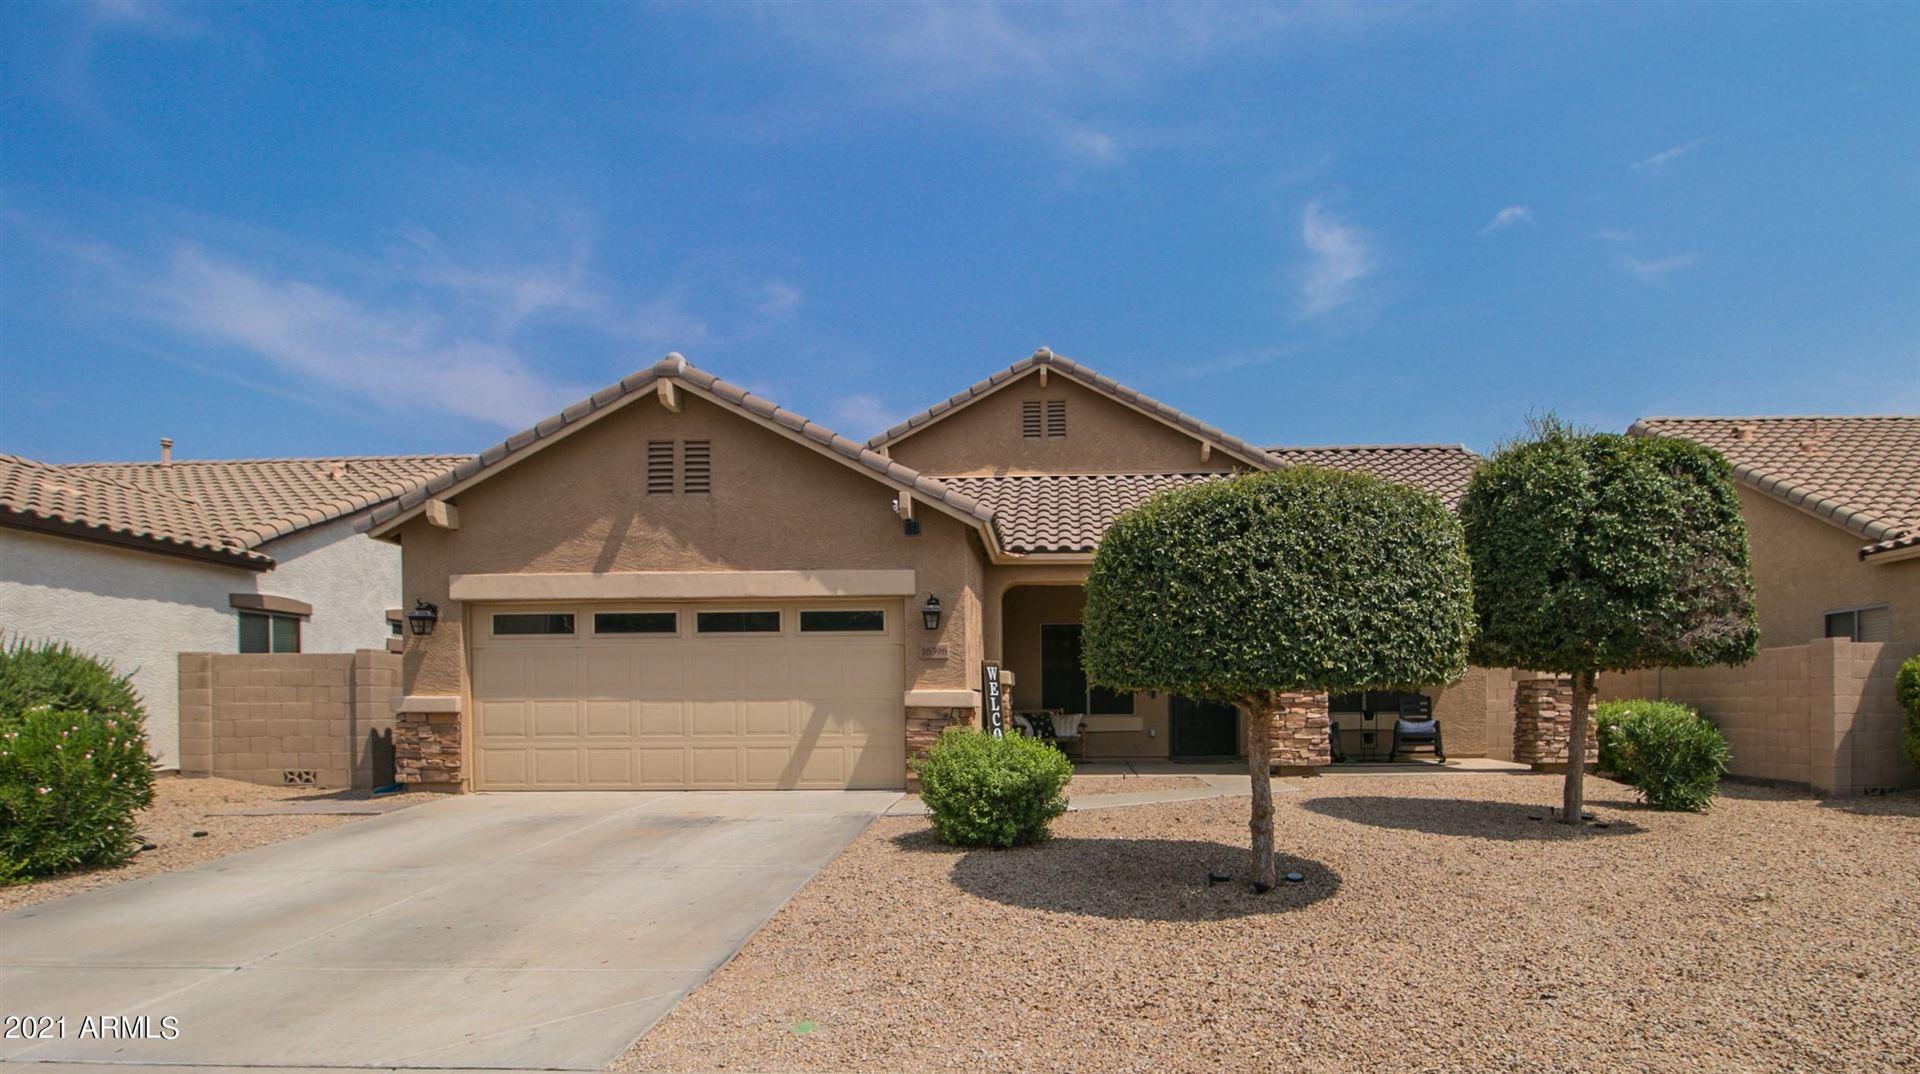 Photo of 16396 W CANTERBURY Drive, Surprise, AZ 85388 (MLS # 6269017)